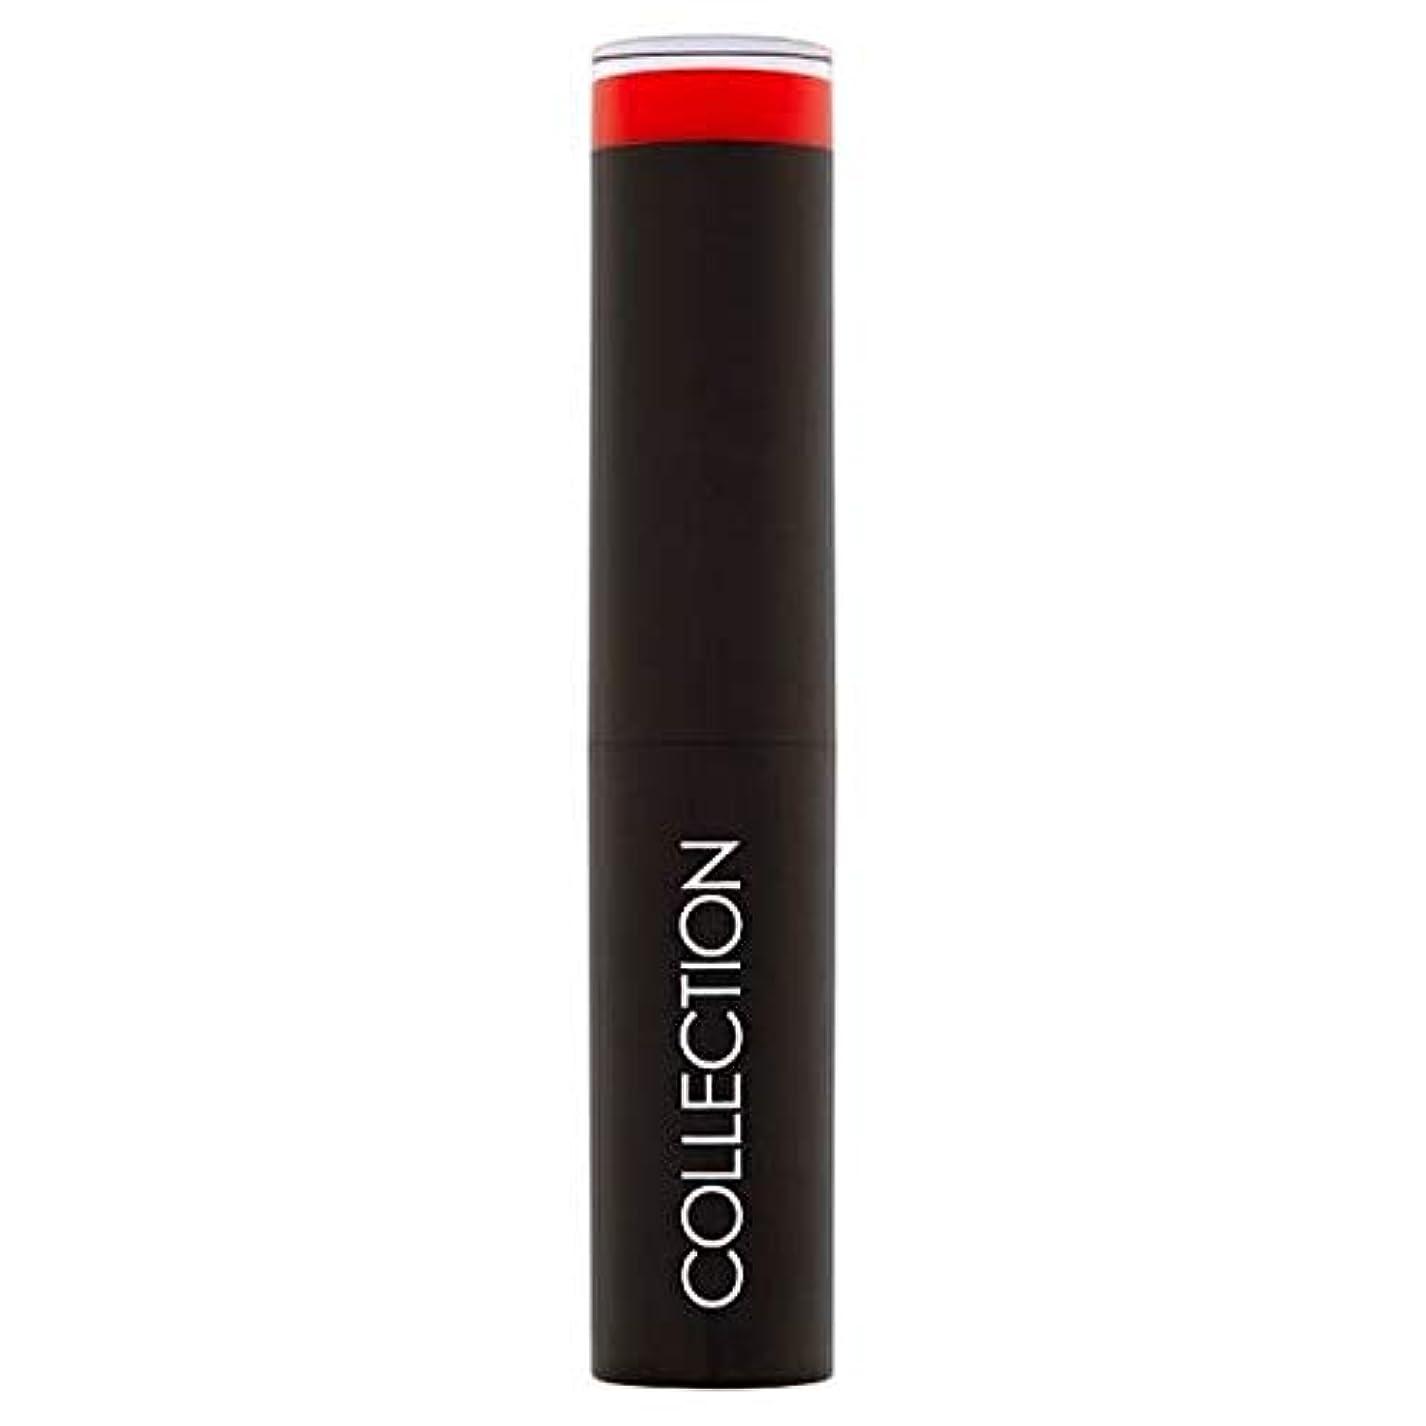 長方形曇った縁[Collection ] 7赤コレクション強烈な輝きゲル口紅の映画スター - Collection Intense Shine Gel Lipstick Movie Star Red 7 [並行輸入品]